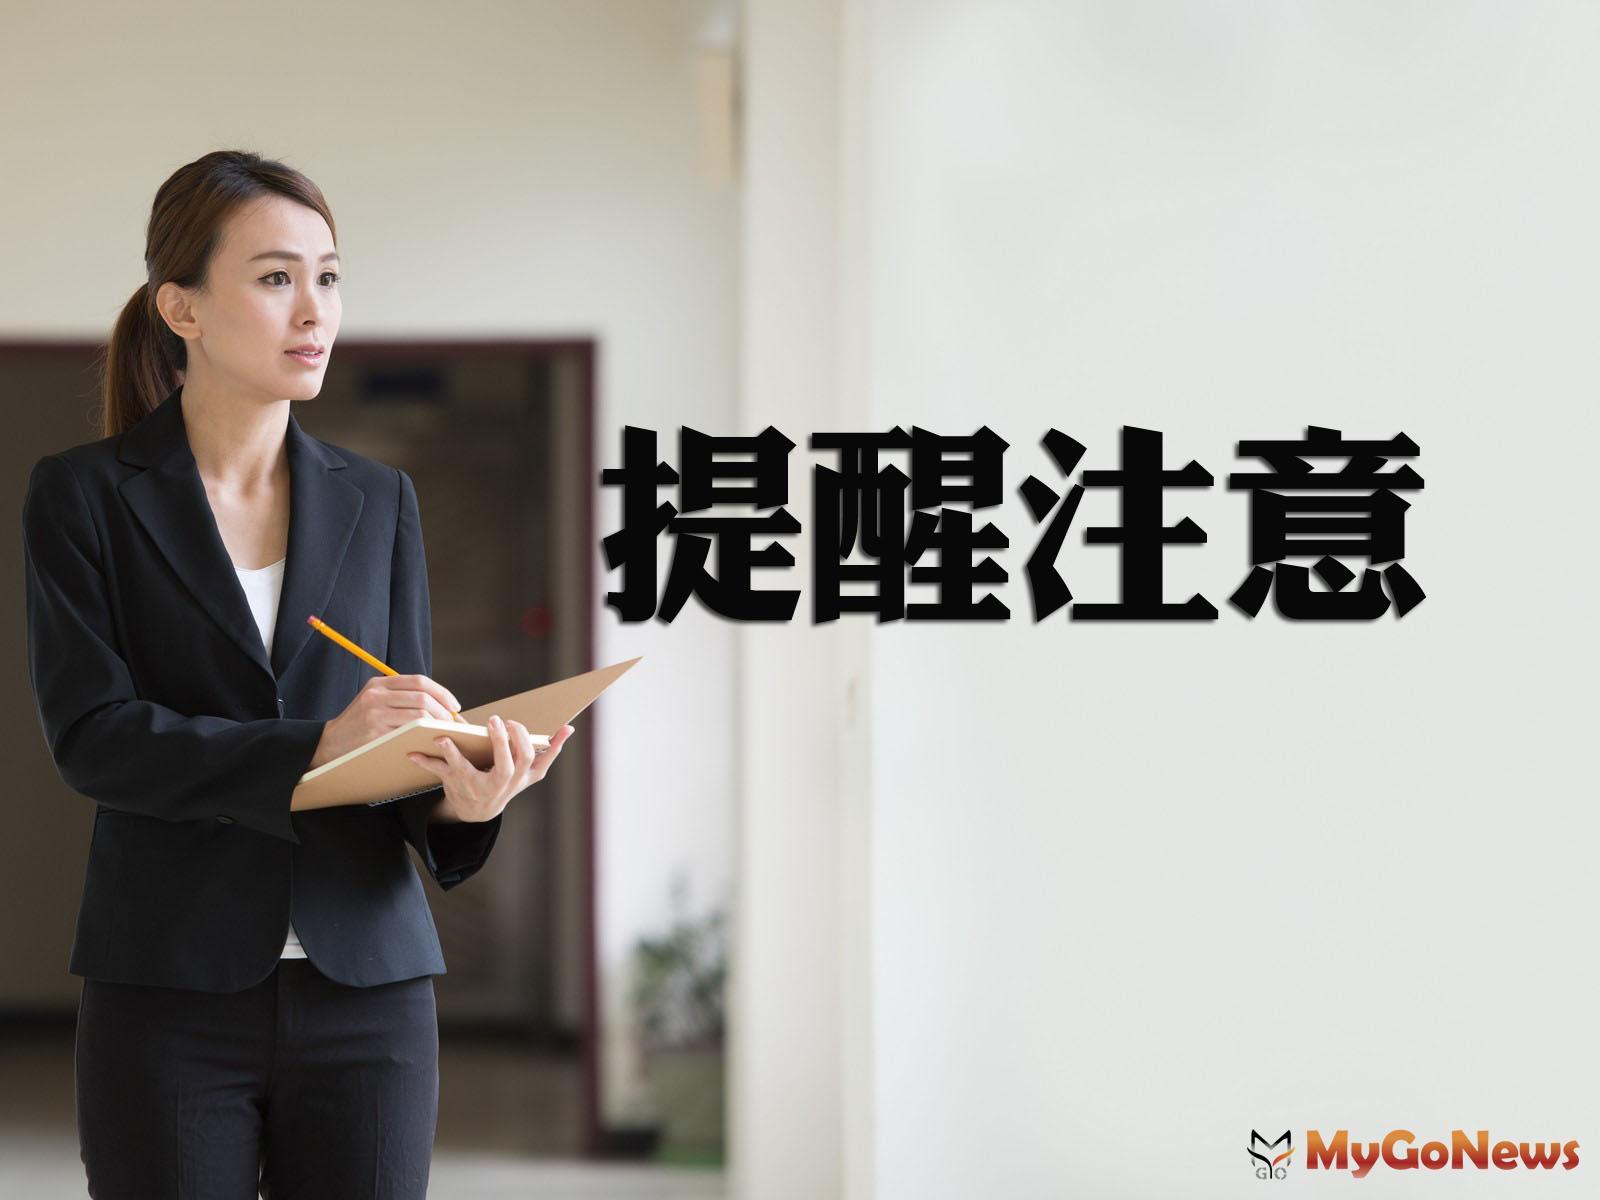 2020年地價稅適用特別稅率或減免規定者,應在9月22日前提出申請 MyGoNews房地產新聞 房地稅務